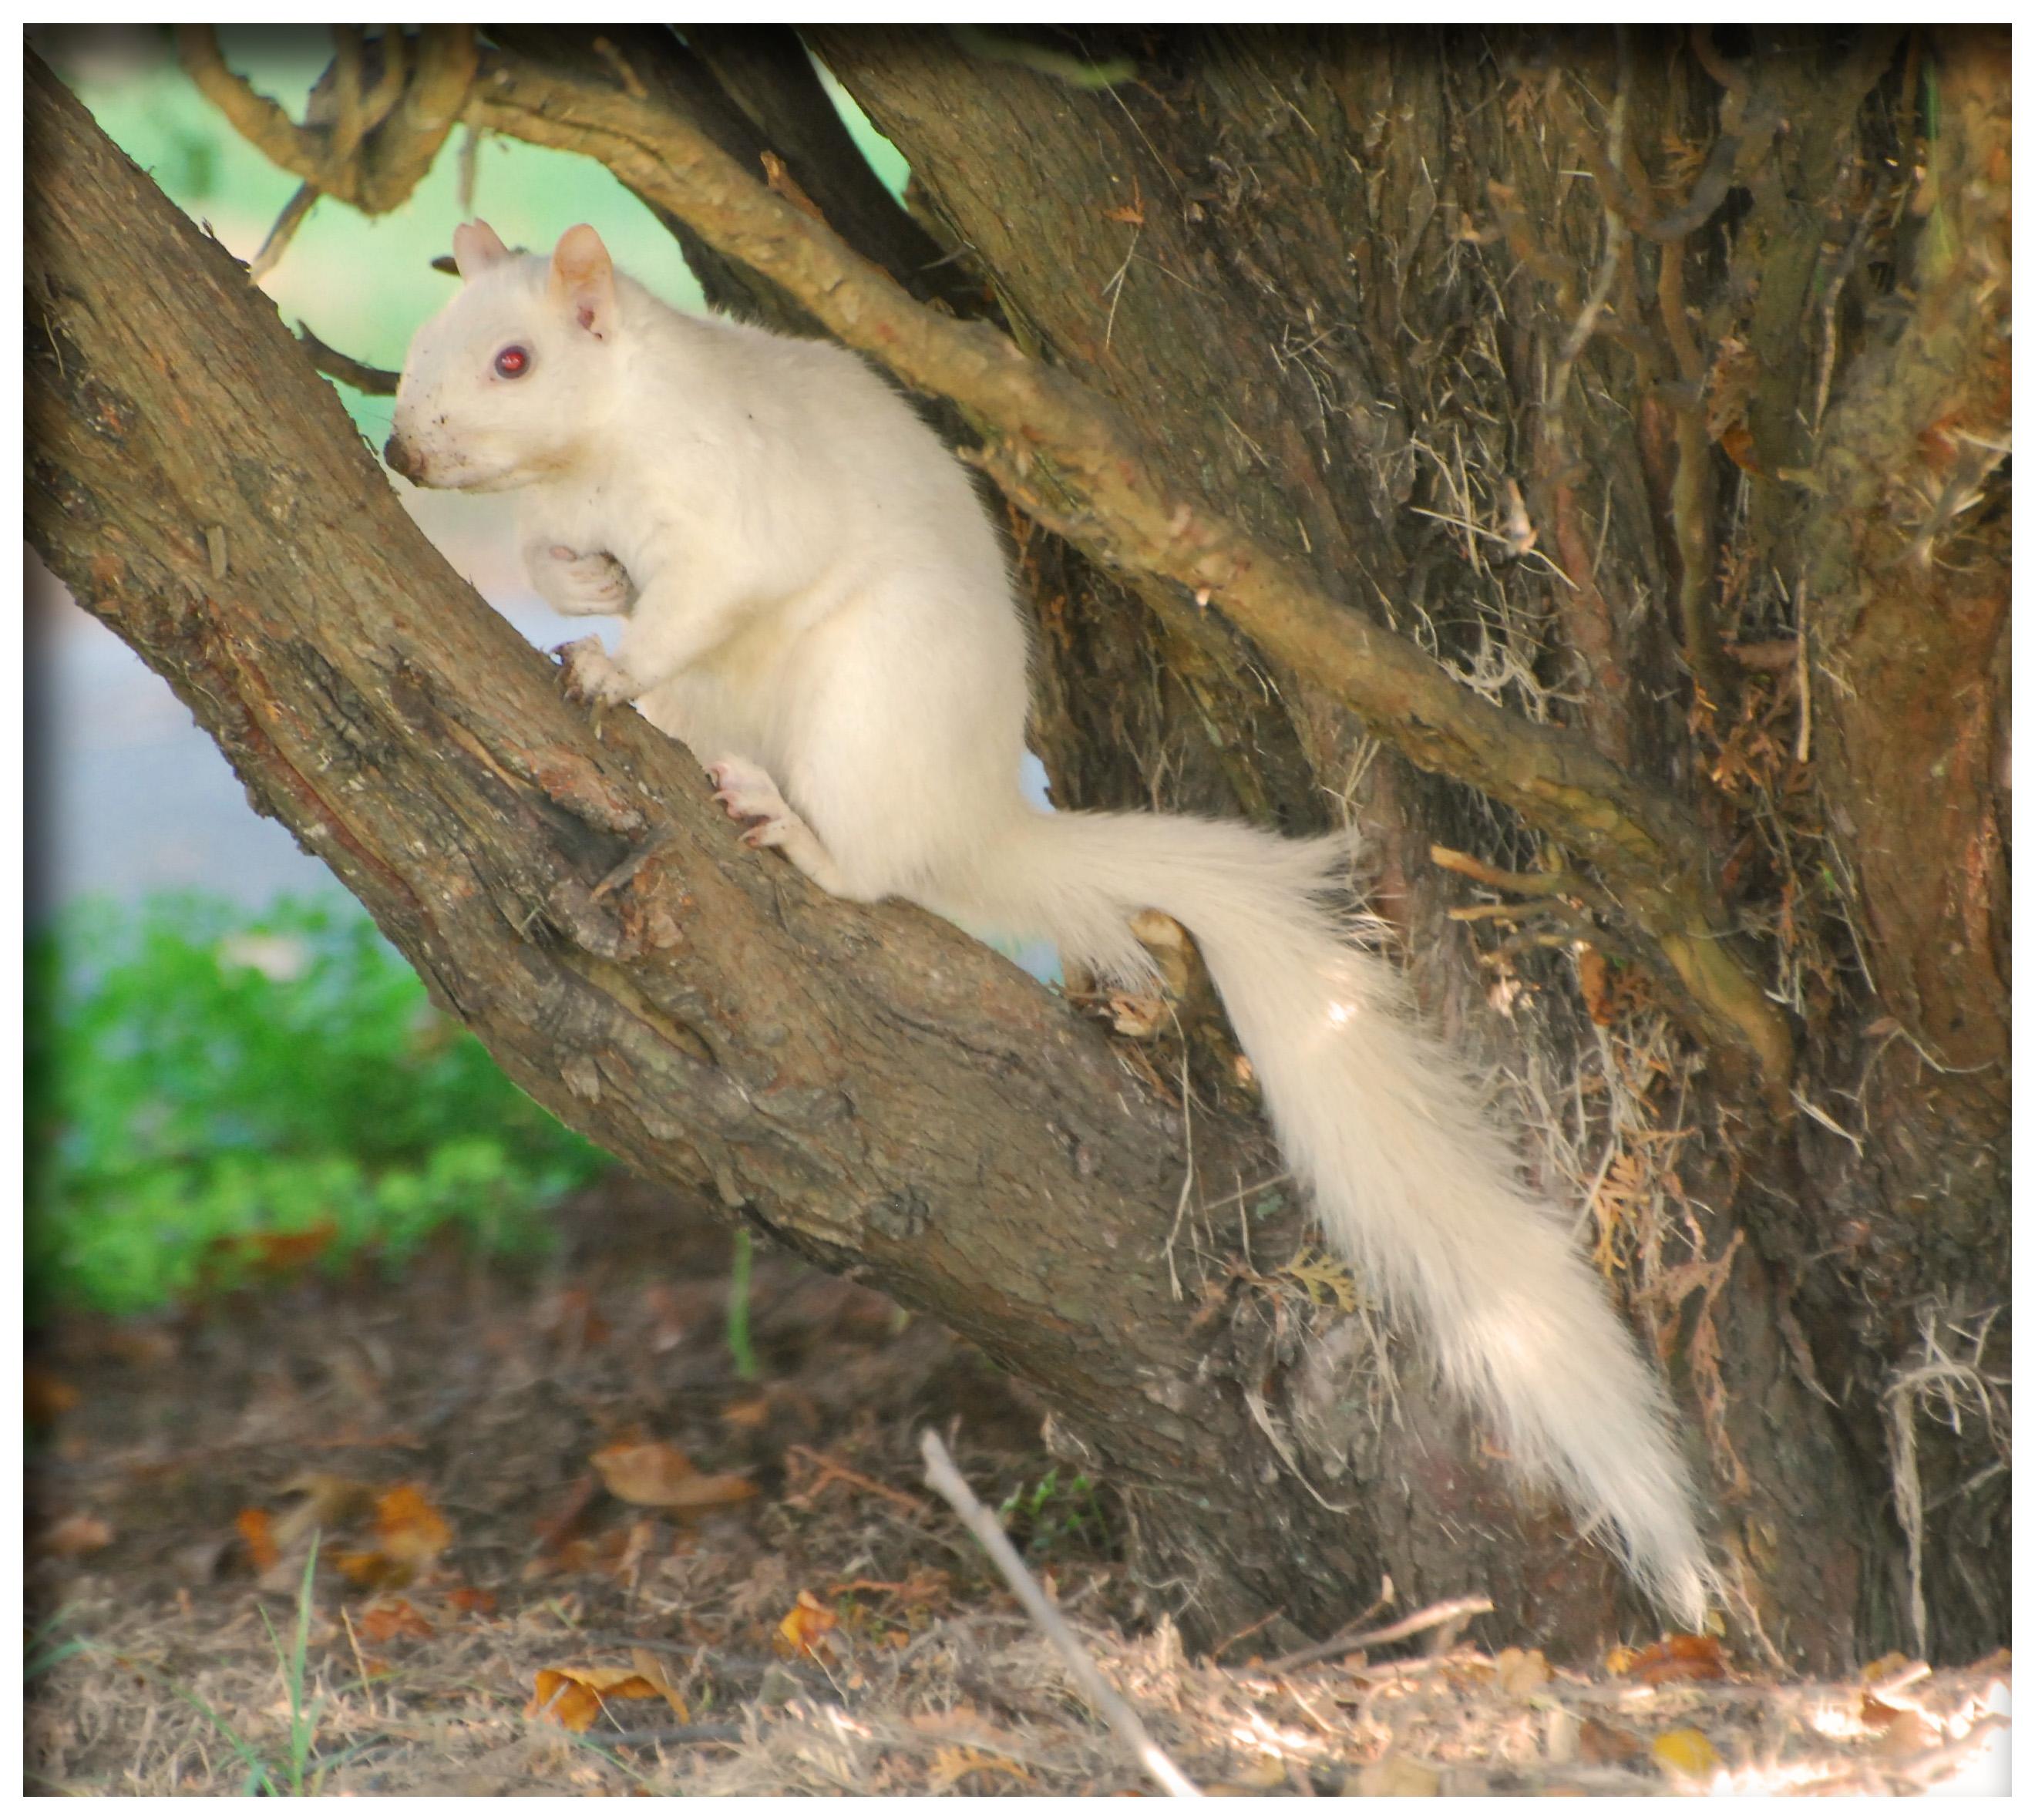 File:Rare White Albino...